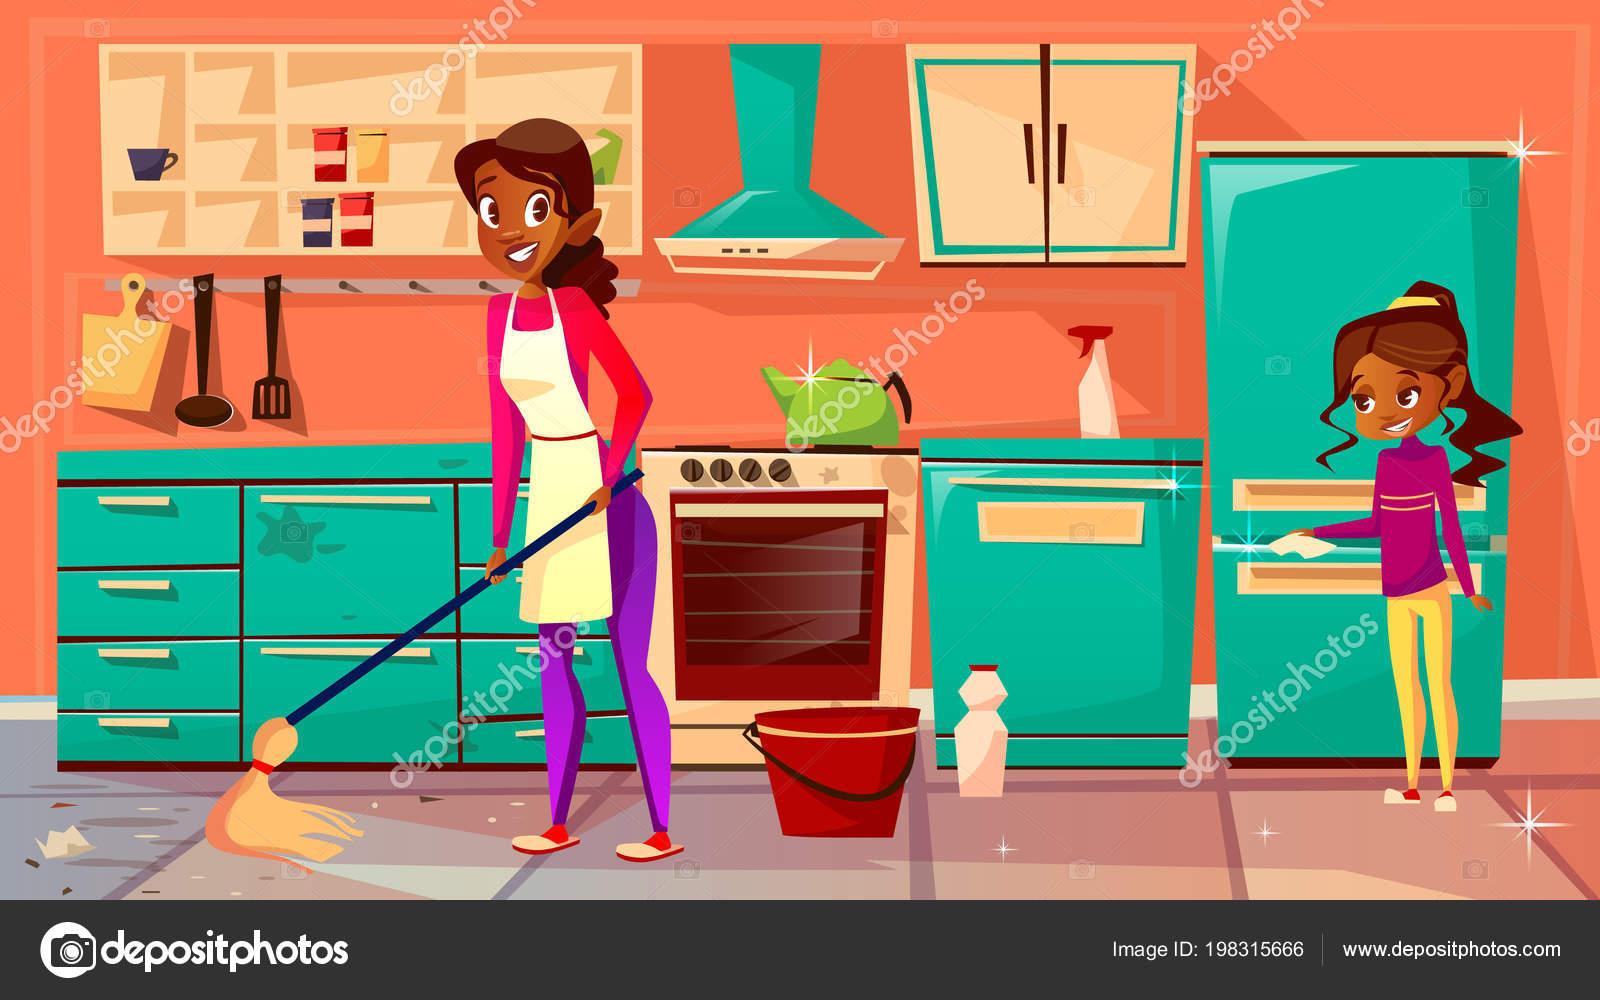 Dibujos personas limpiando la cocina ama de casa negra - Imagenes de limpieza de casas ...